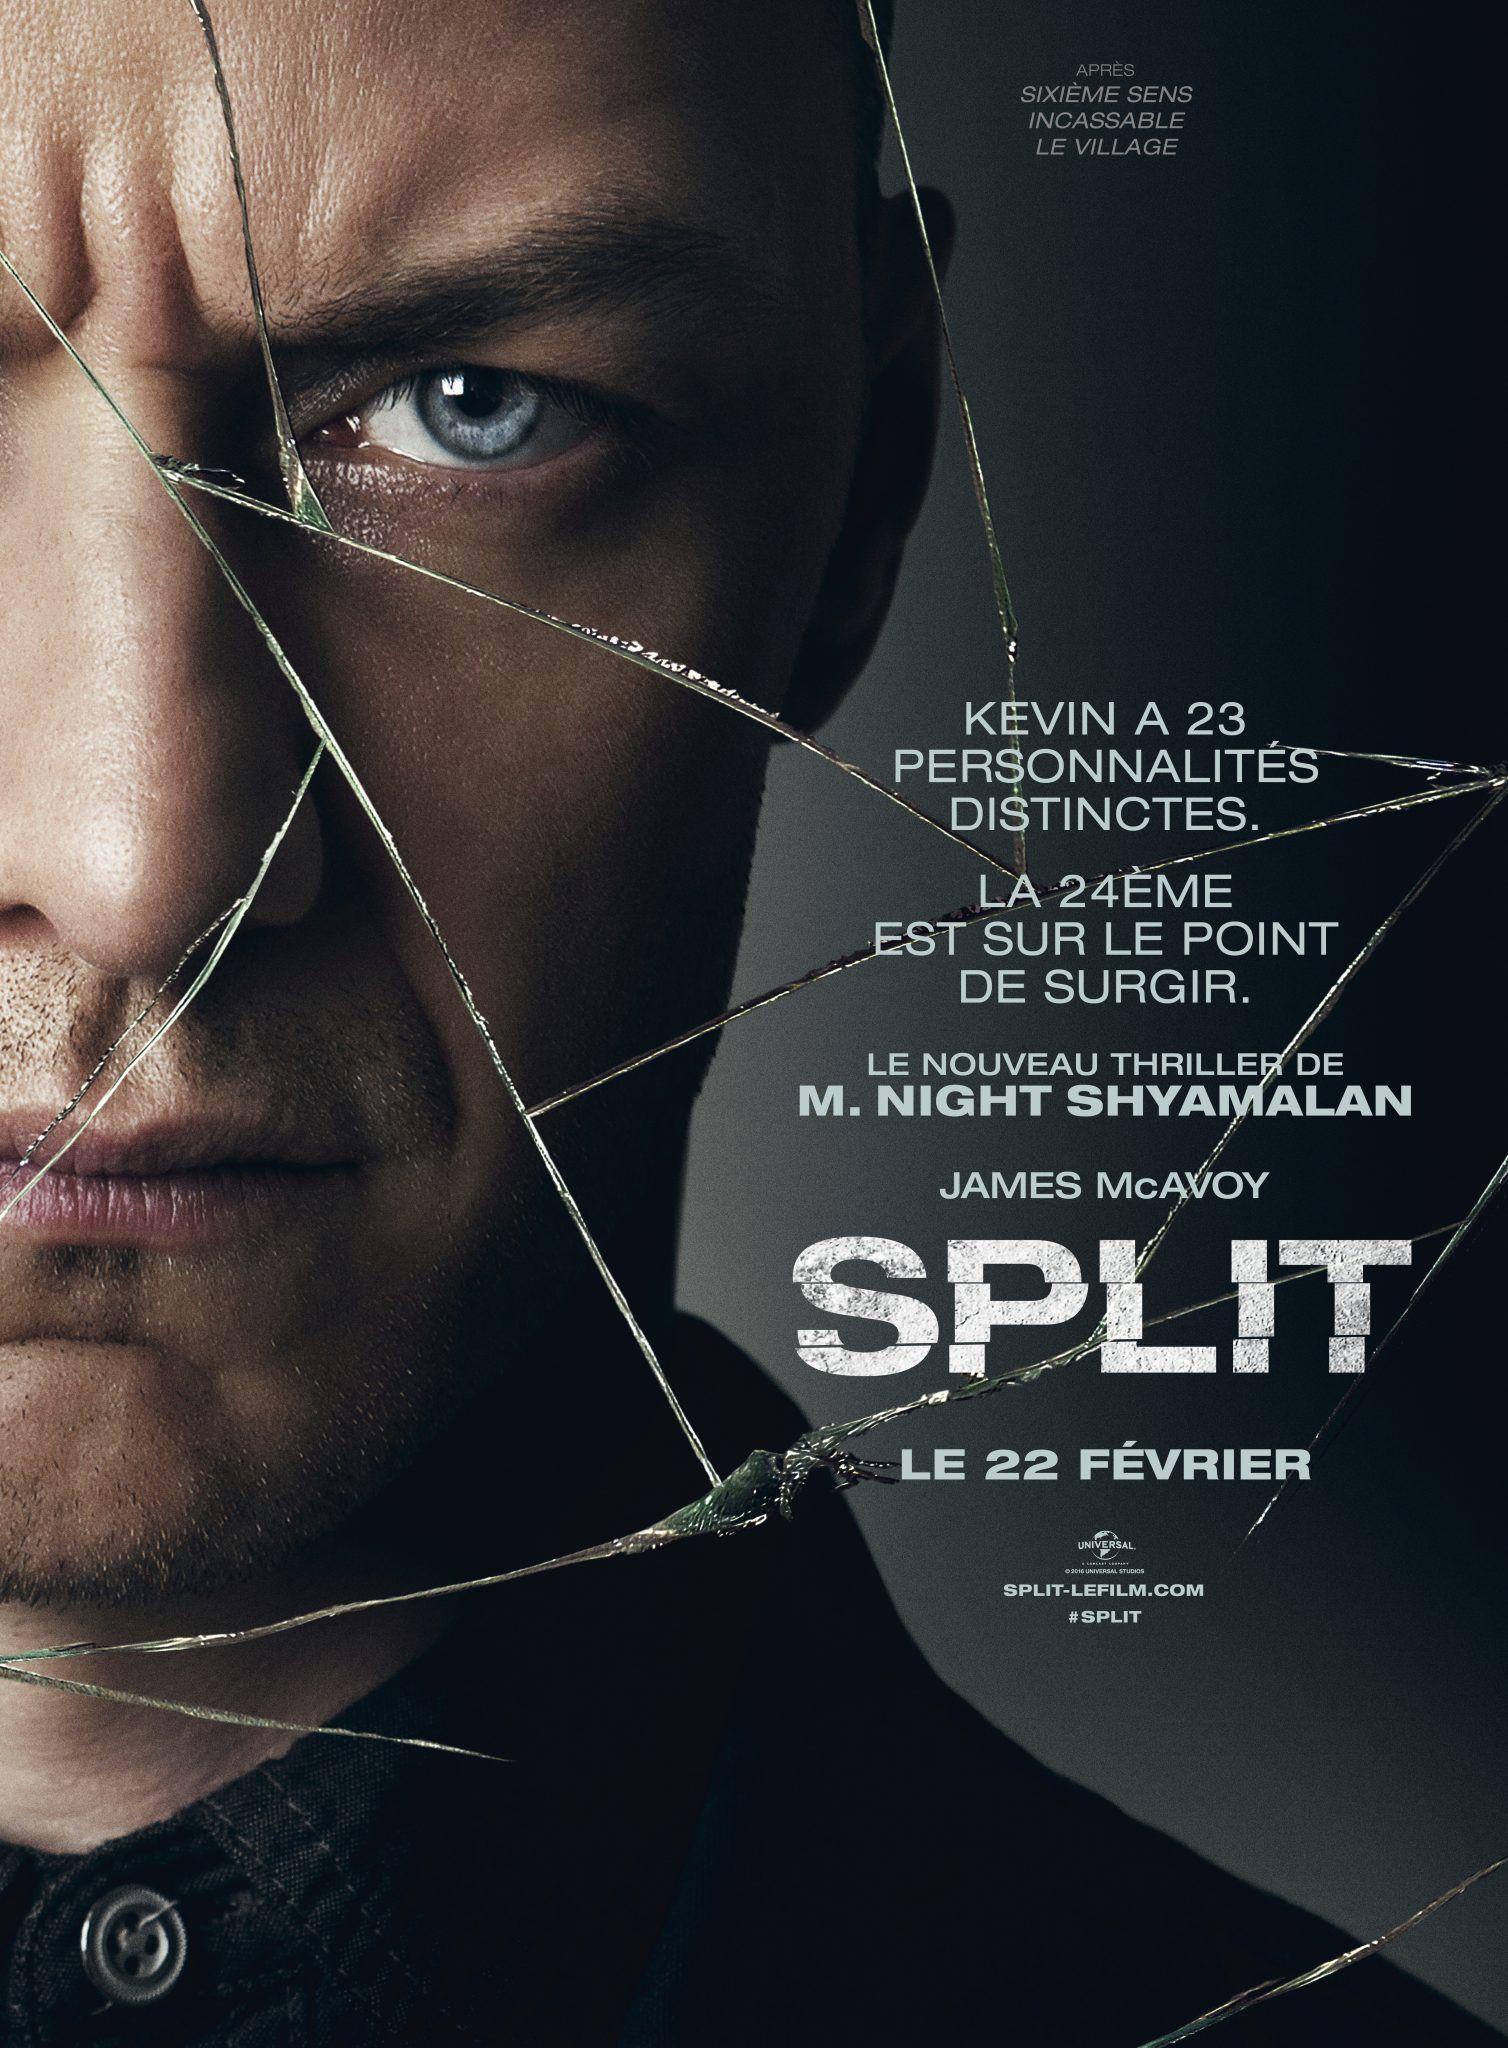 Critique Split 2017 Le Nouveau Thriller Aux Multiples Personnalites De M Night Shyamalan Apres Les Succes De Films Streaming Gratuit Film James Mcavoy